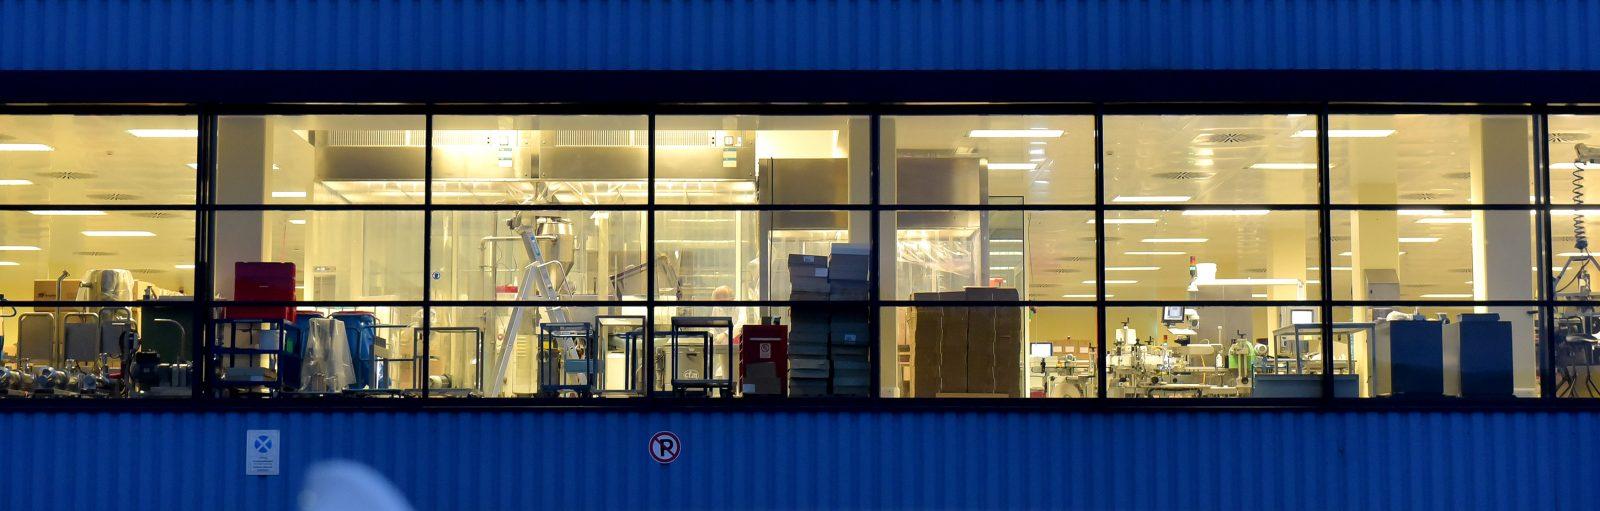 Pharmaprodukte Lohnhersteller Arzneimittel Kosmetika Medizinprodukte Fullservice Zertifizierung Oberkirch